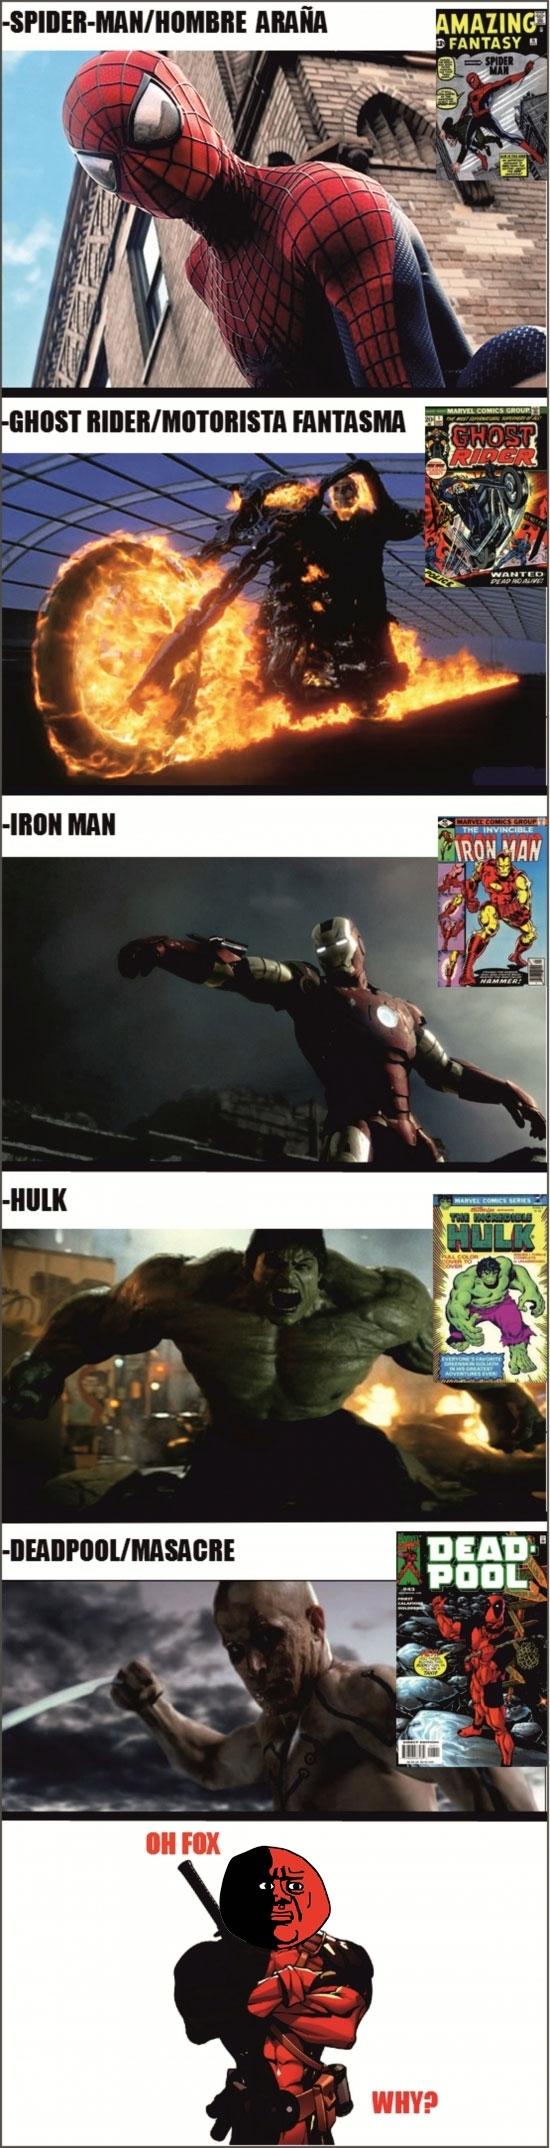 Oh_god_why - Las adaptaciones de Marvel no siempre serán buenas